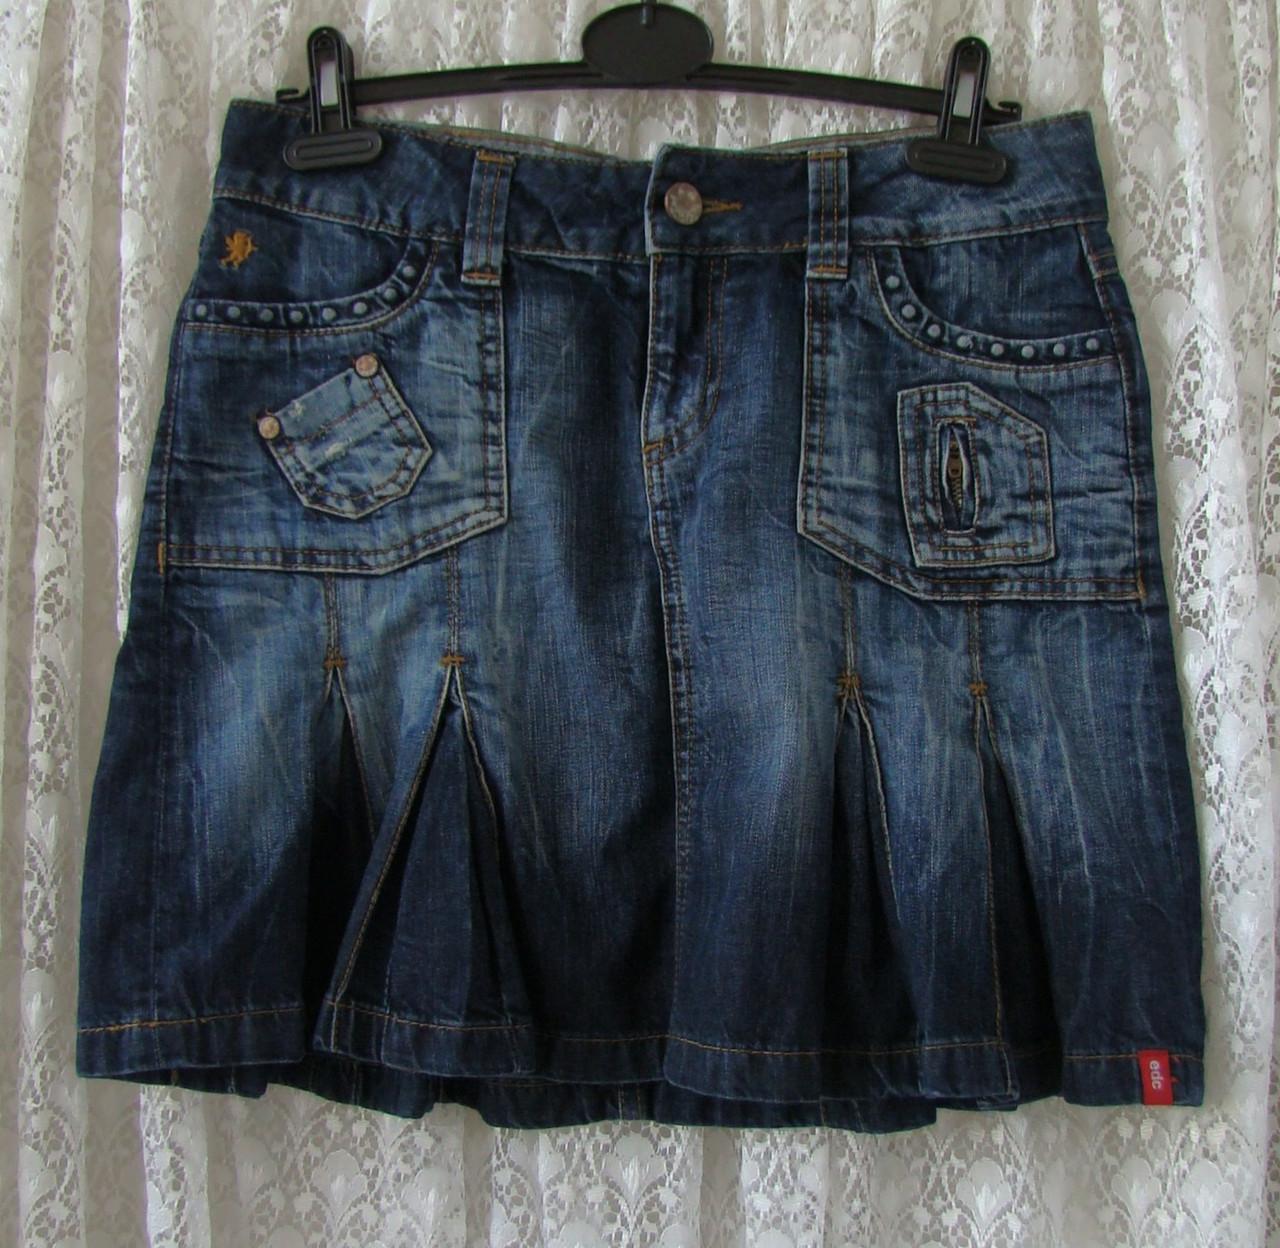 Юбка джинсовая модная синяя Esprit р.42-44 6845а, фото 1